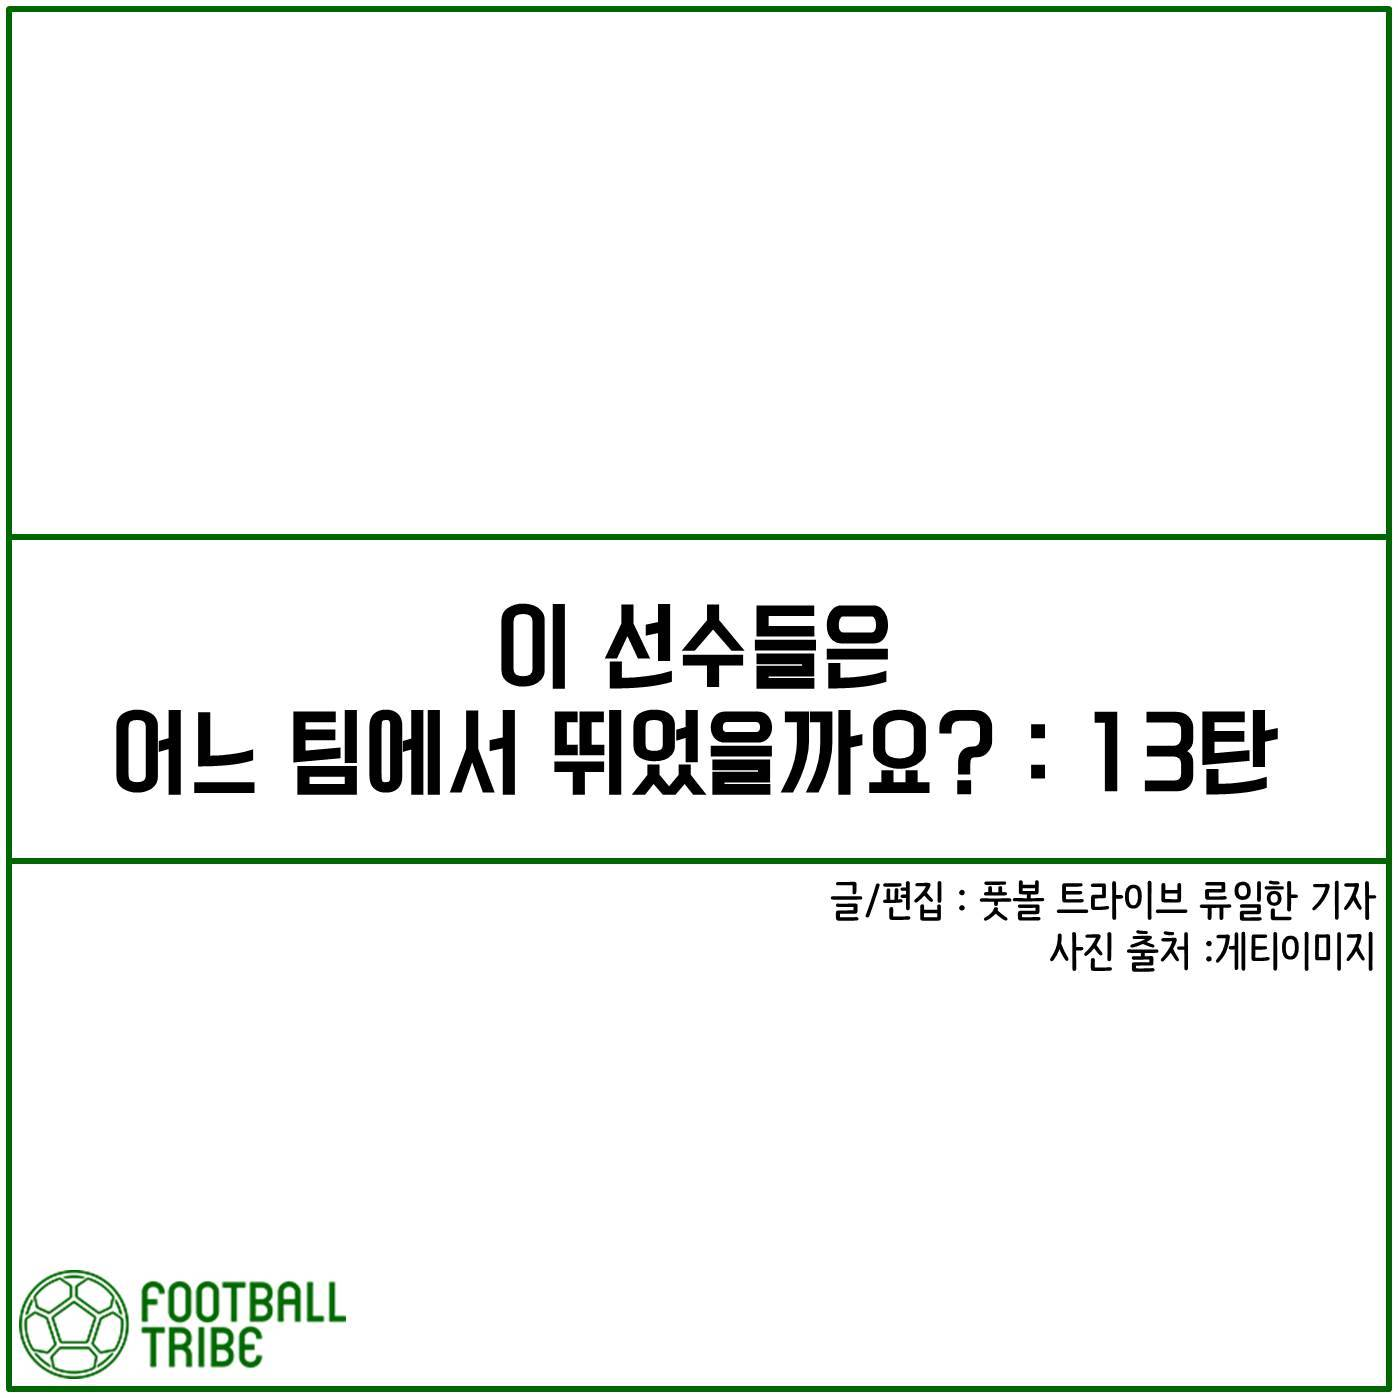 [카드 뉴스] 이 선수들은 어느 팀에서 뛰었을까요?: 13탄